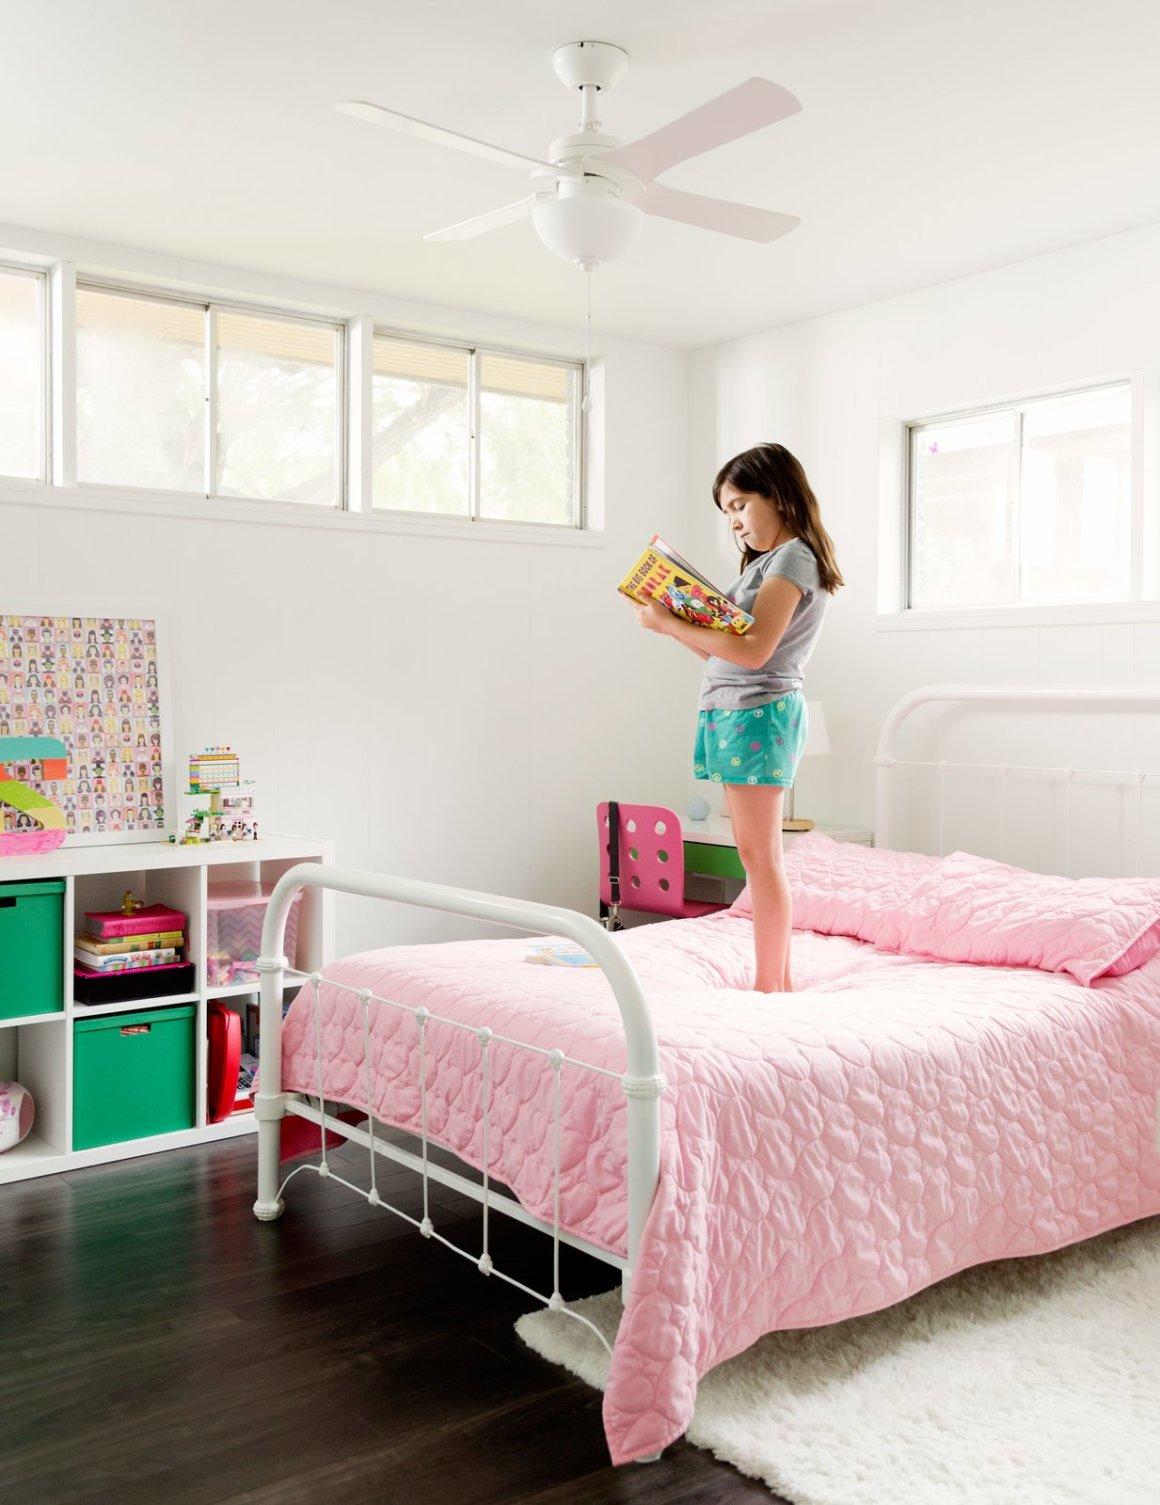 Le lit dans la chambre de Sara a été dans la famille depuis le début des années 1900.